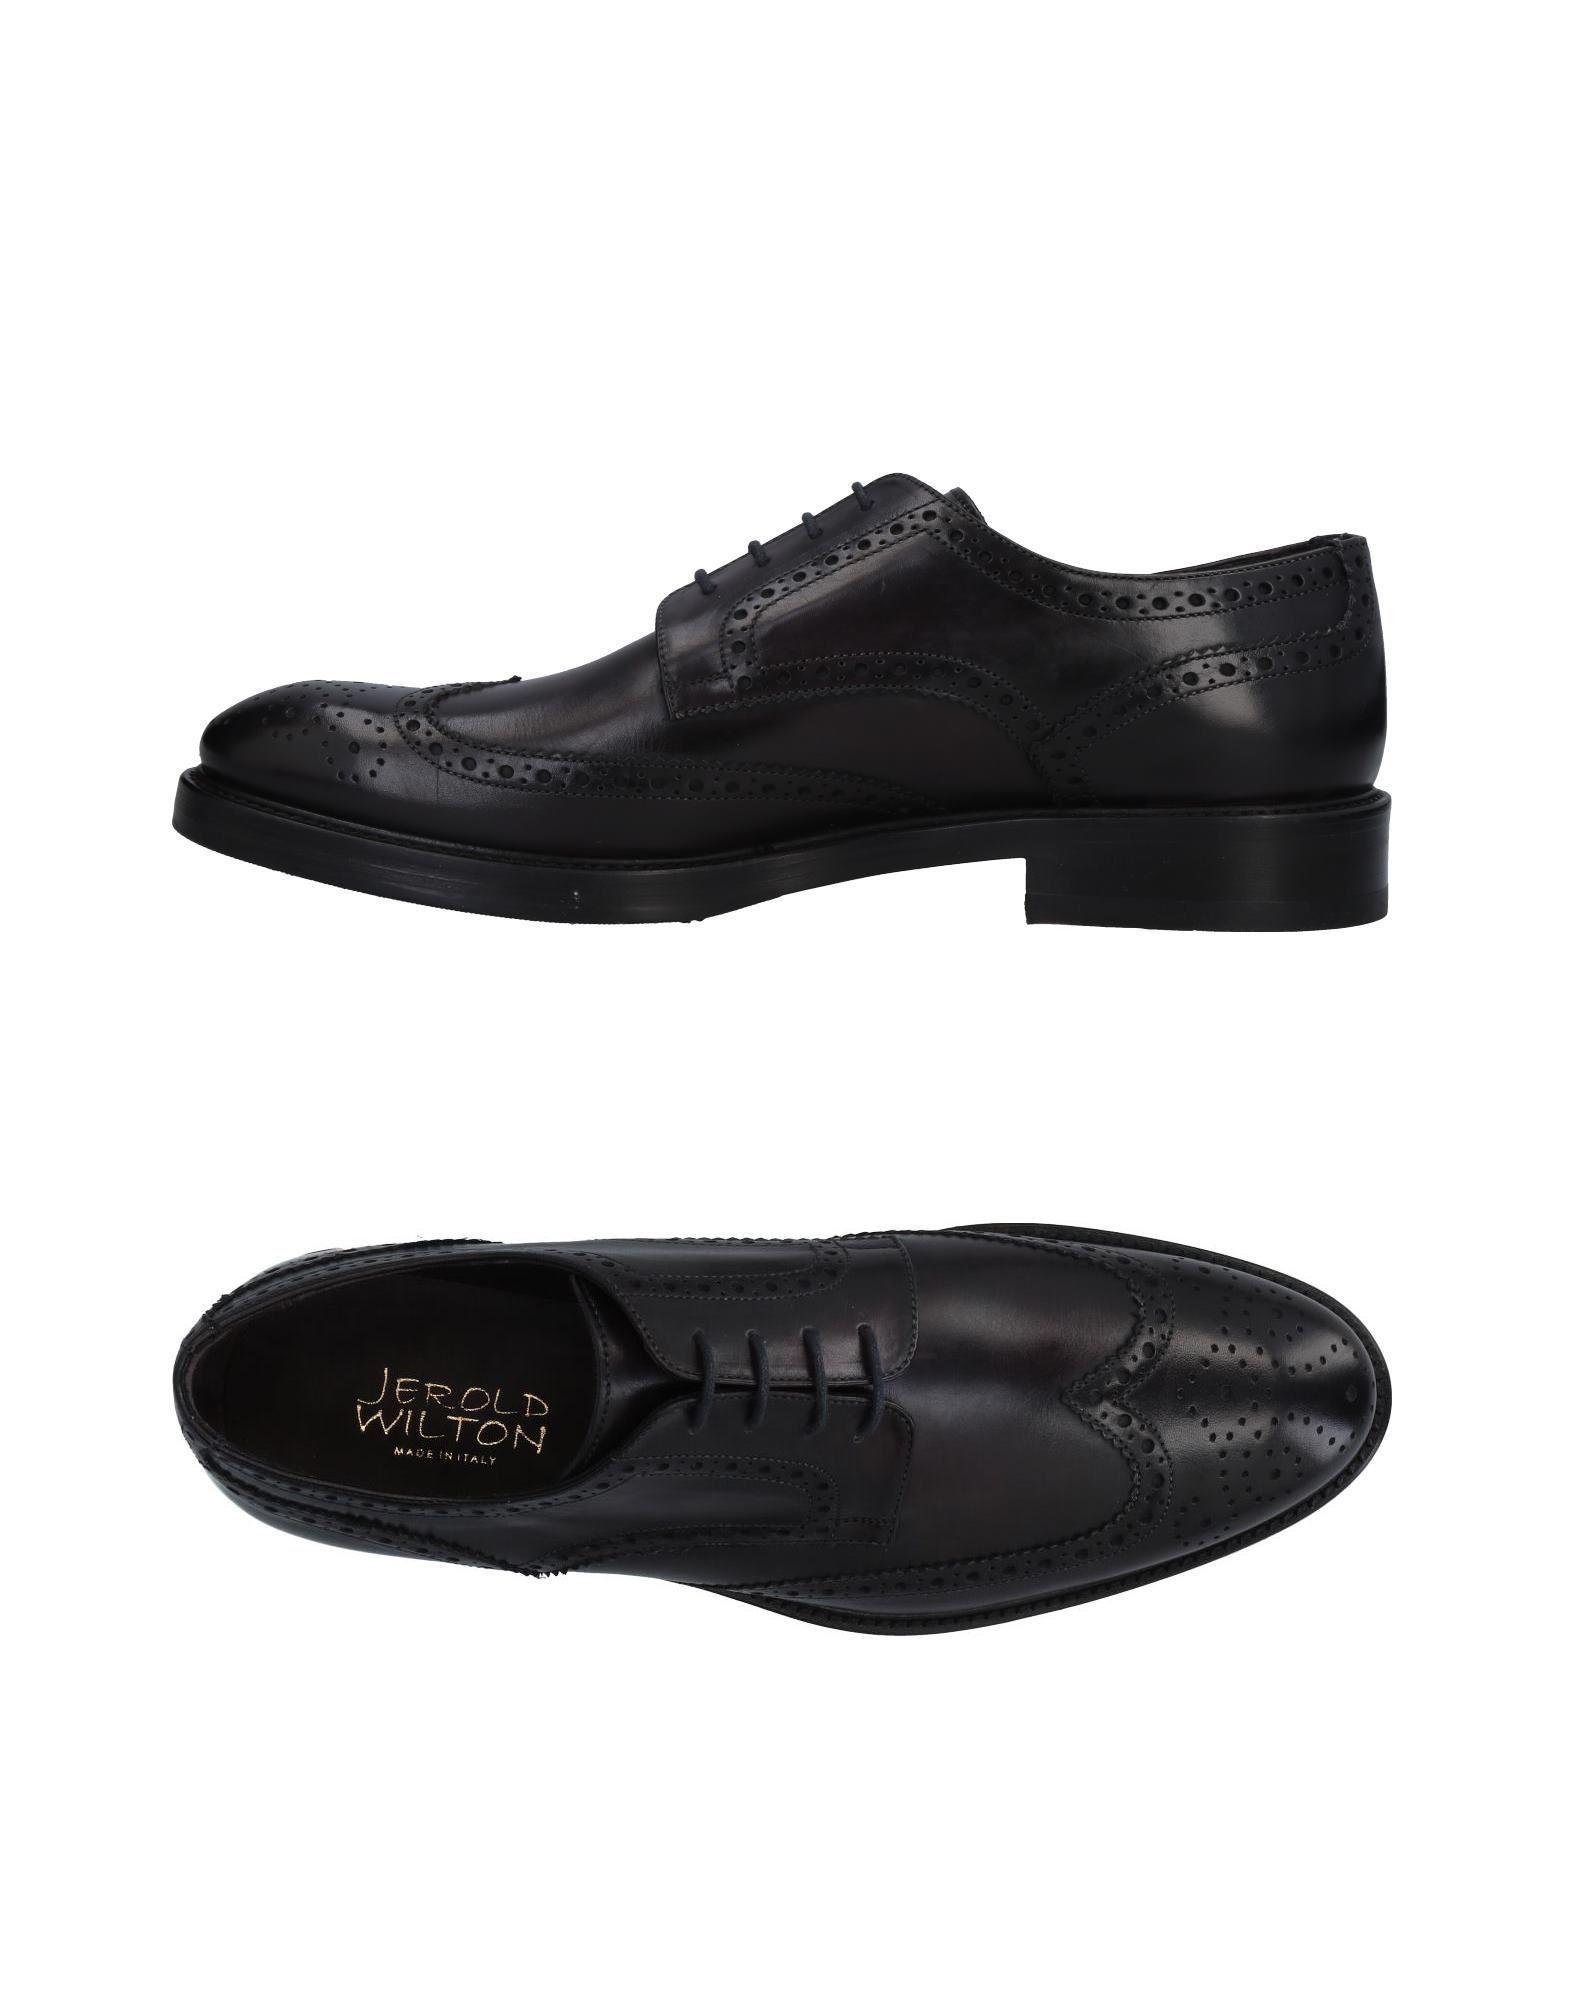 Chaussures - Chaussures À Lacets Jerold Wilton 3CvwusqVmR